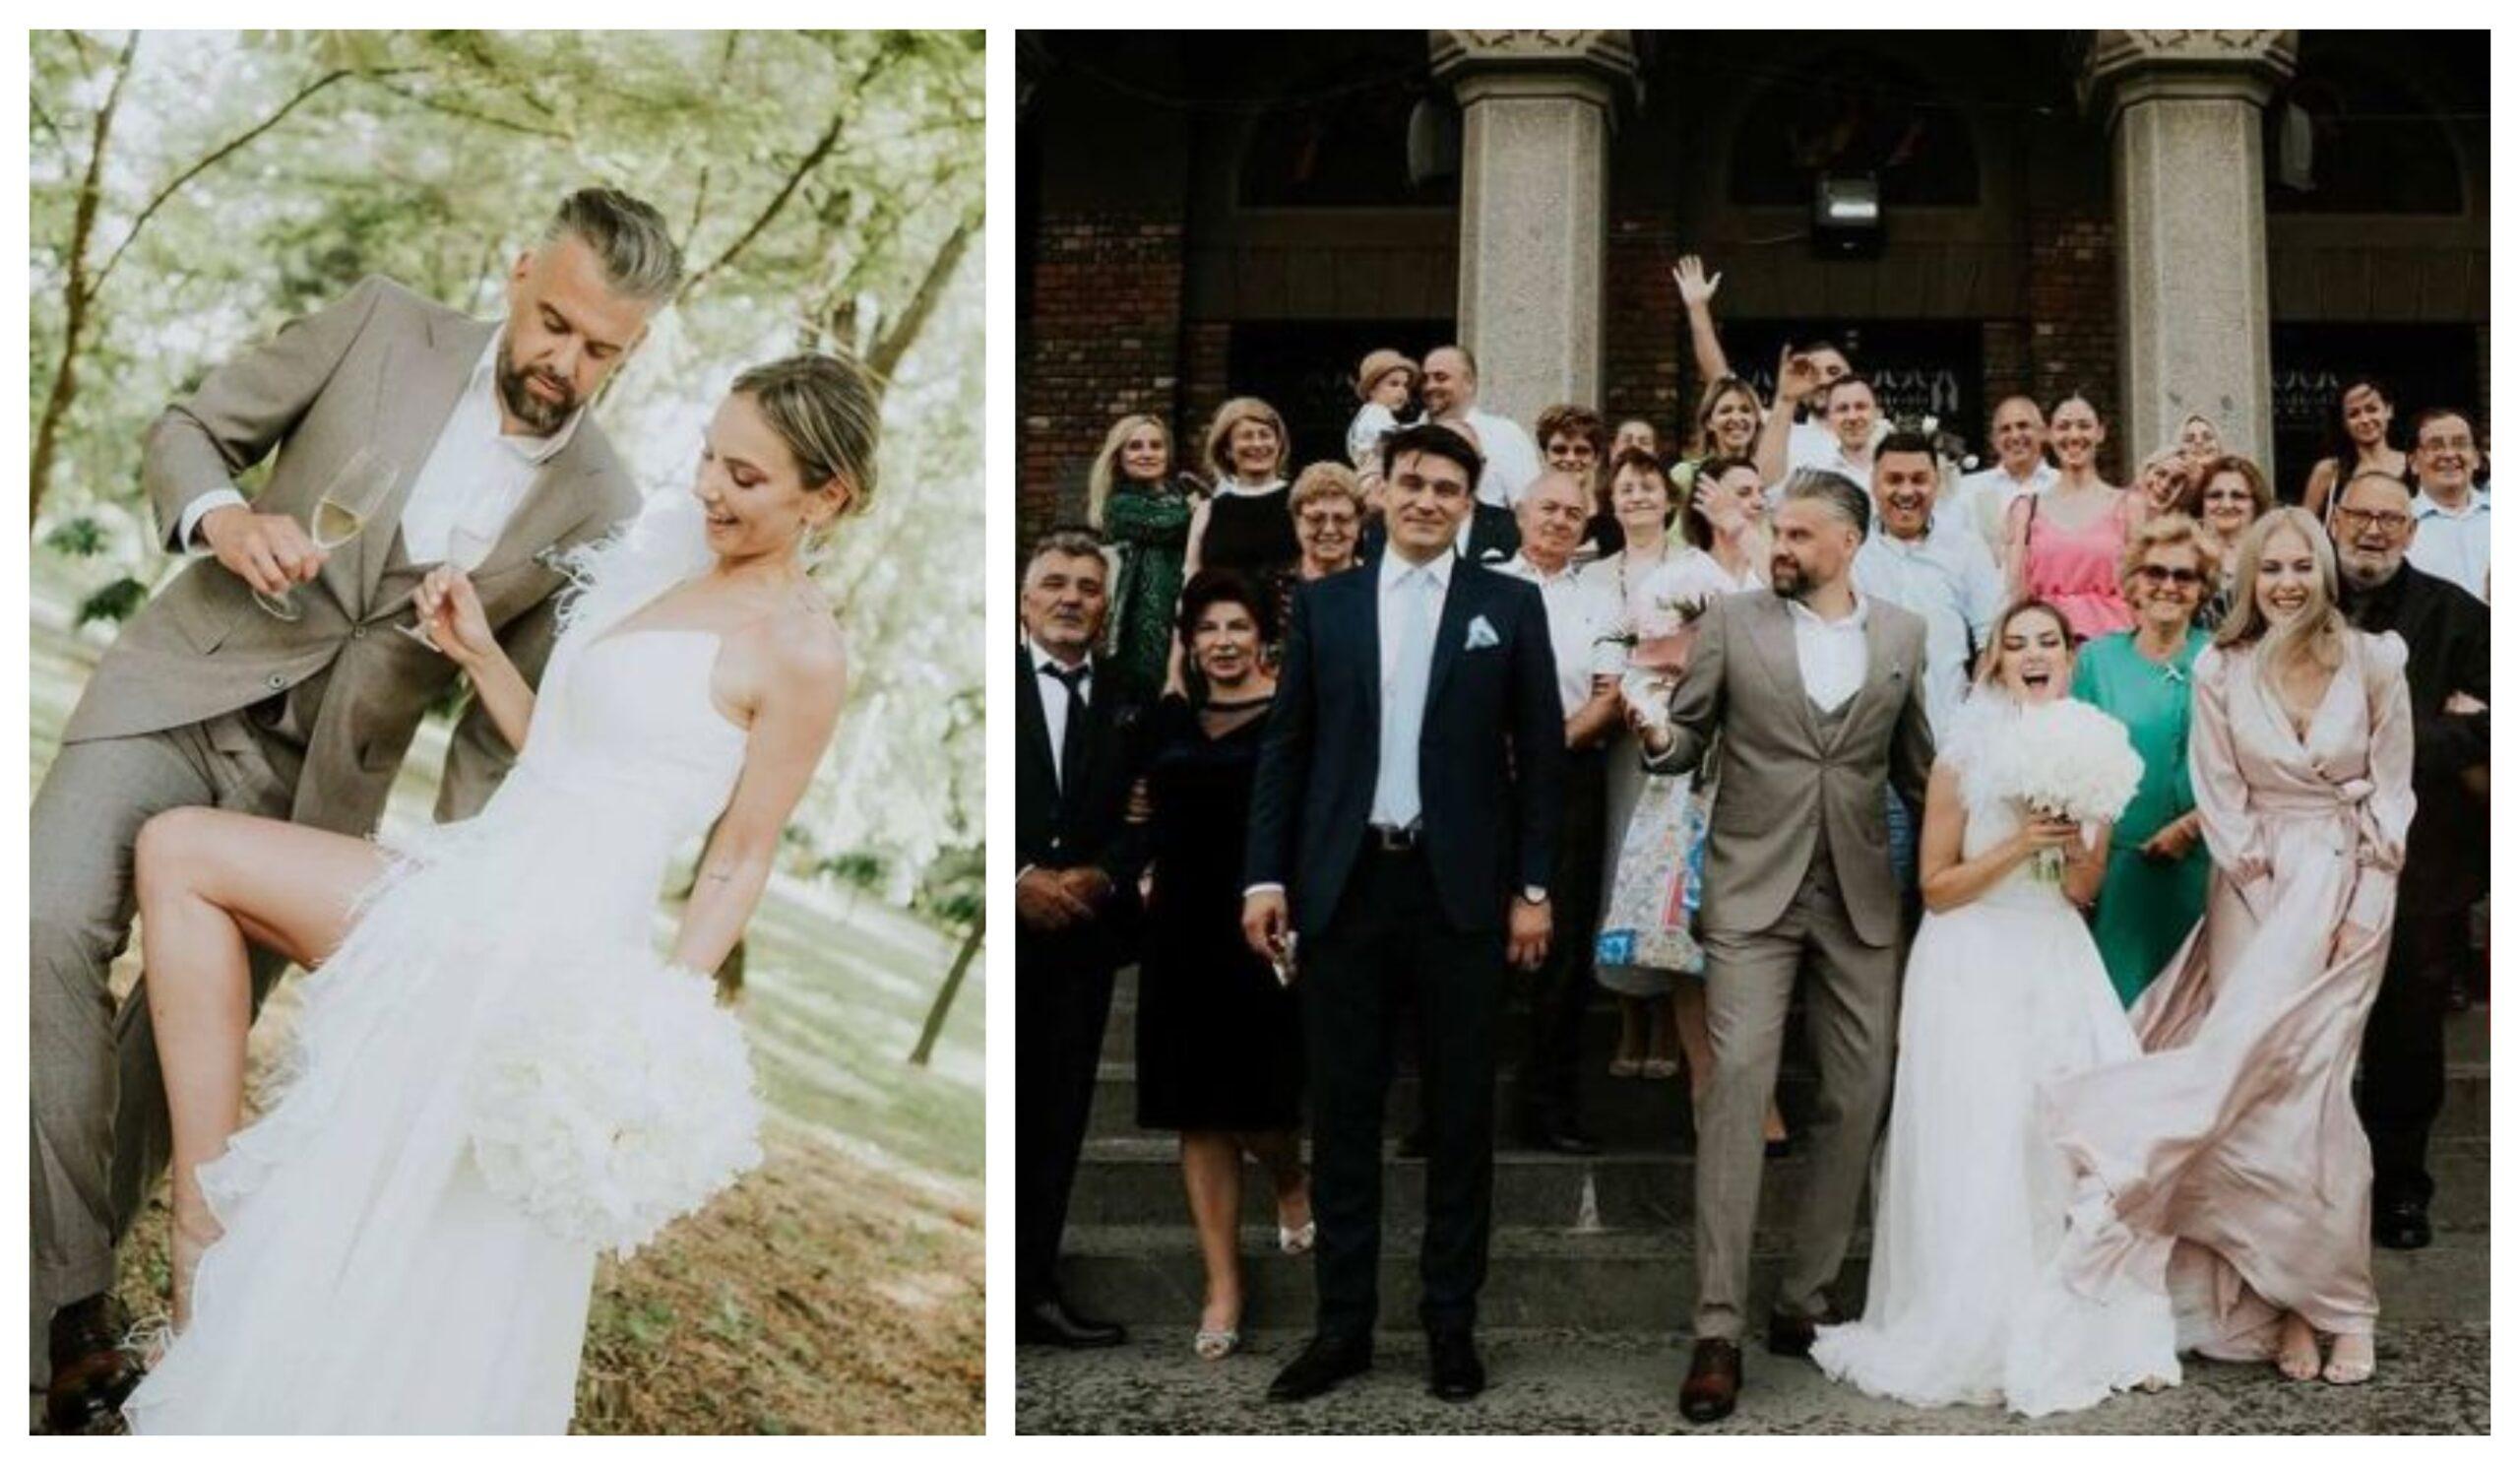 Ștefania și Speak au comis-o la nunta Roxanei Ionescu! Cum a putut să-și facă apariția cuplul